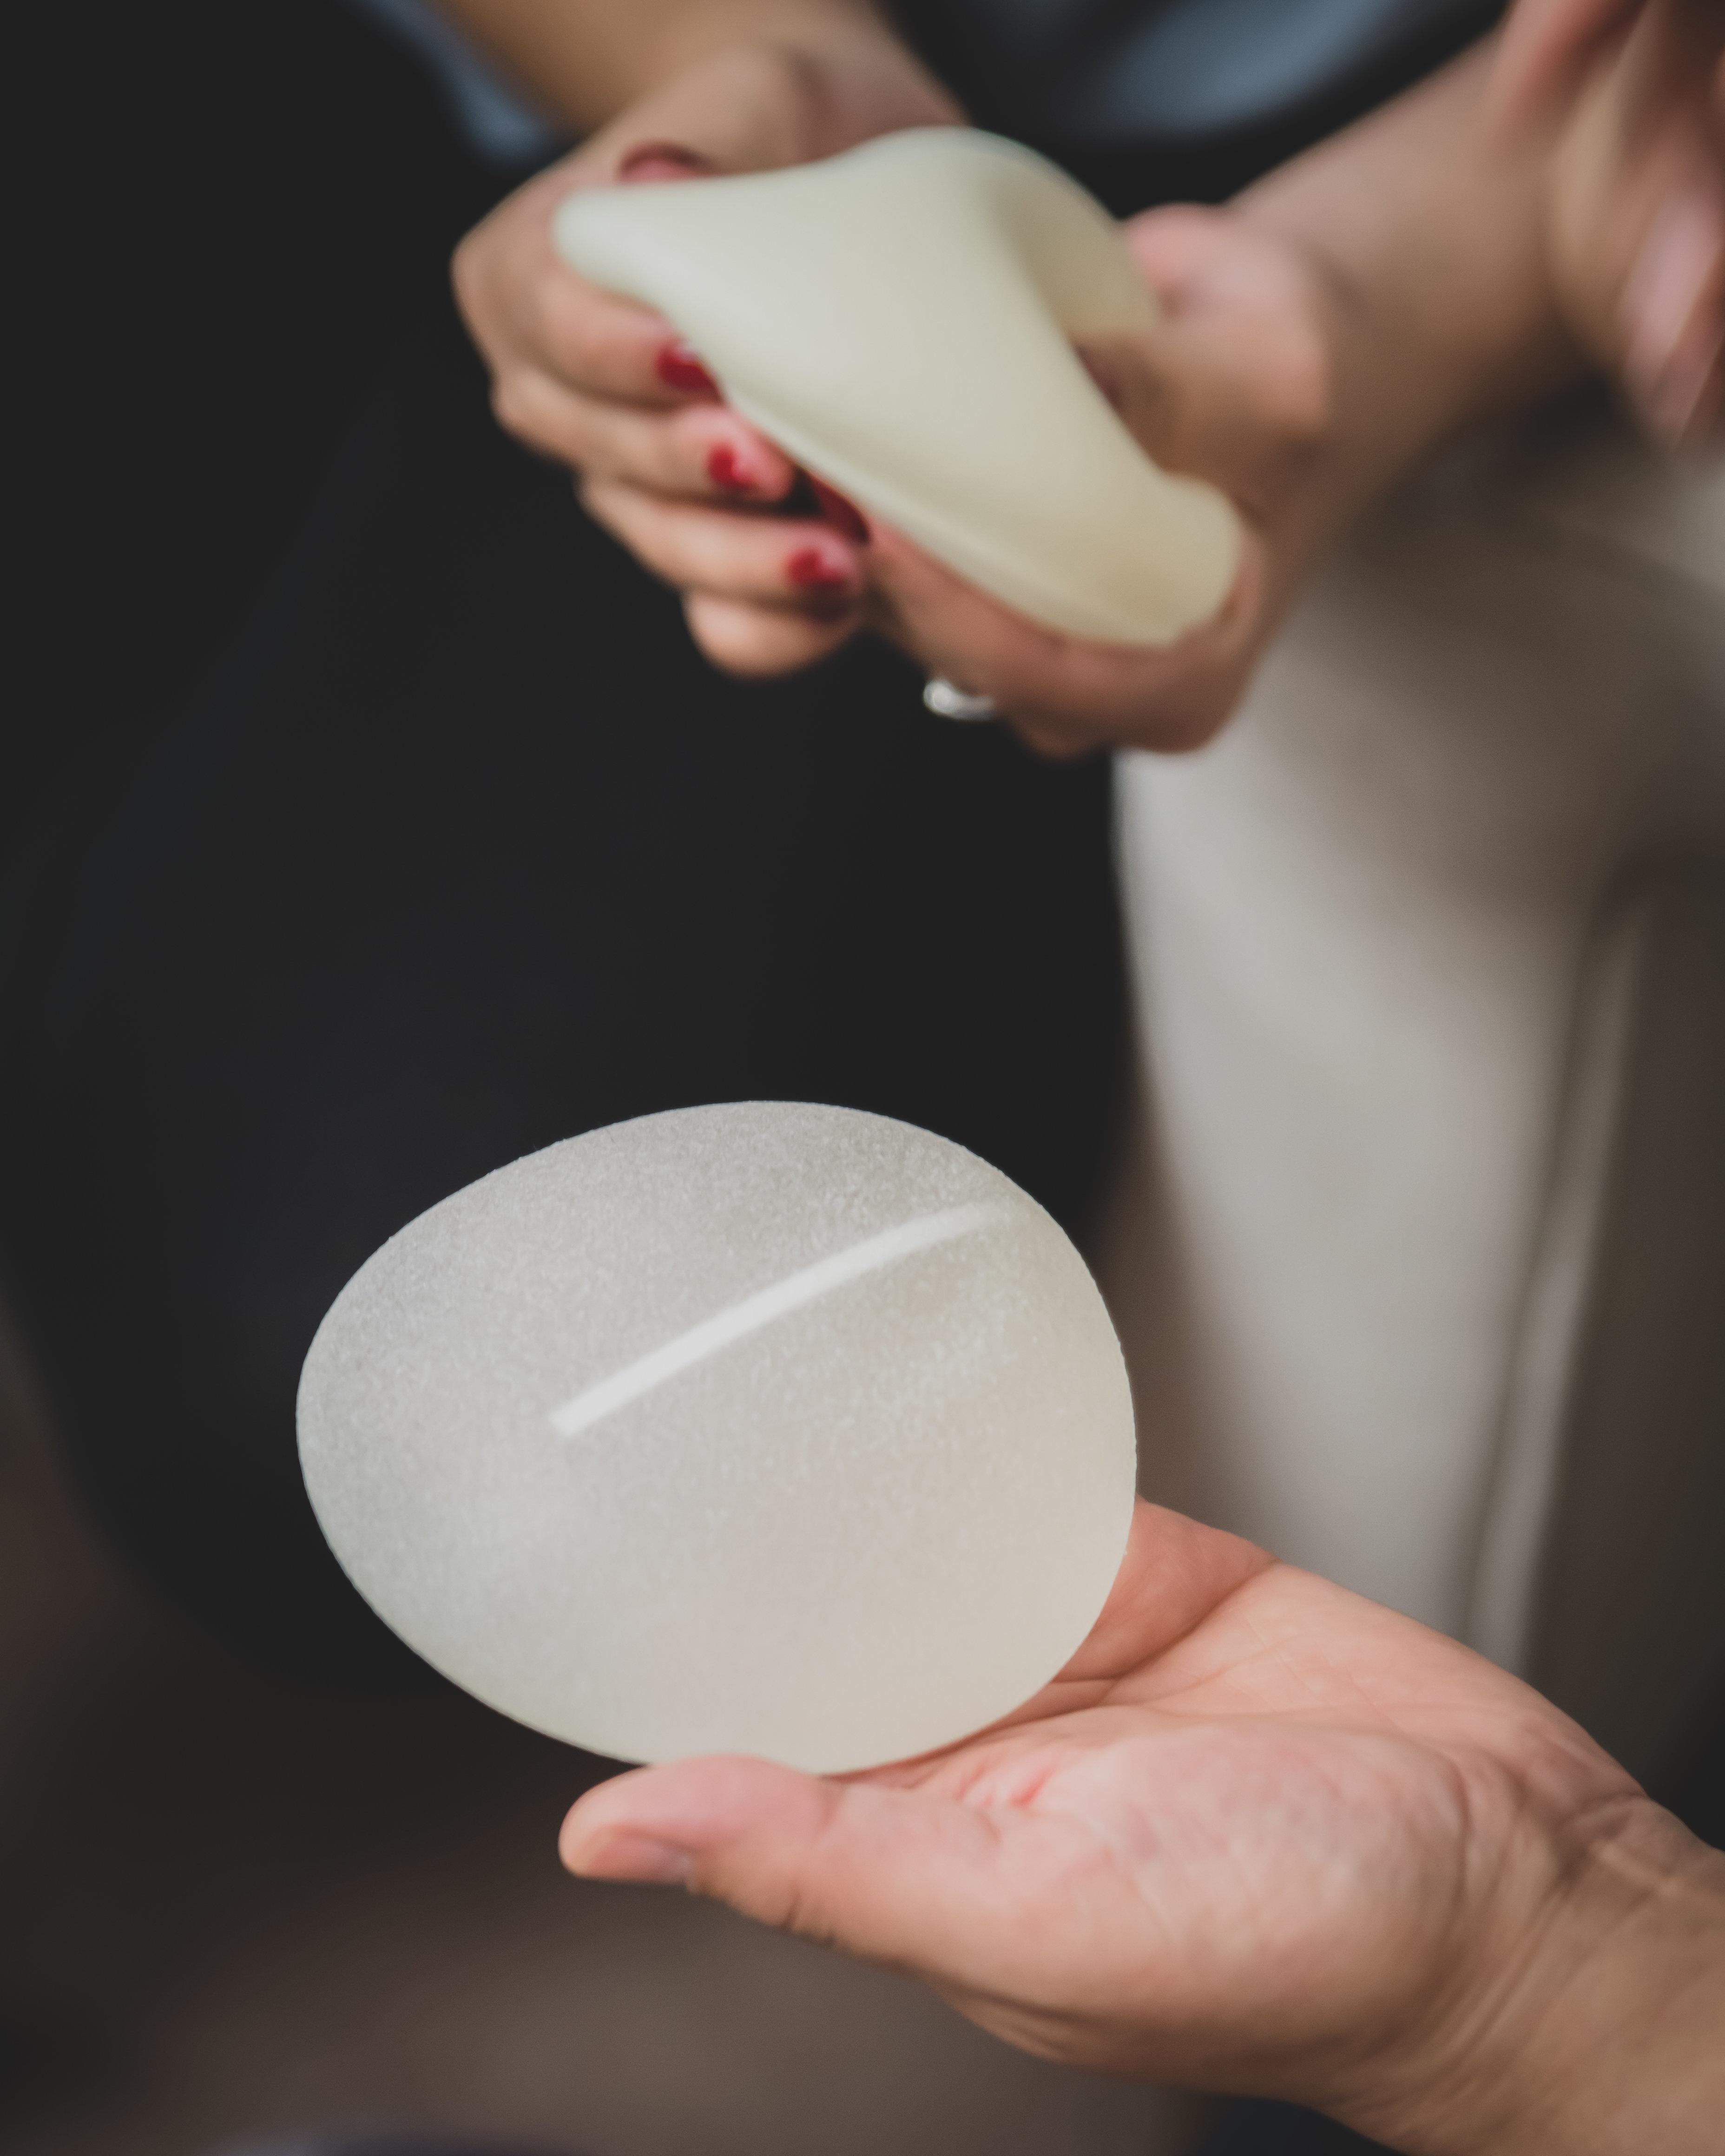 Les femmes porteuses d'implants mammaires bientôt recensées dans un registre